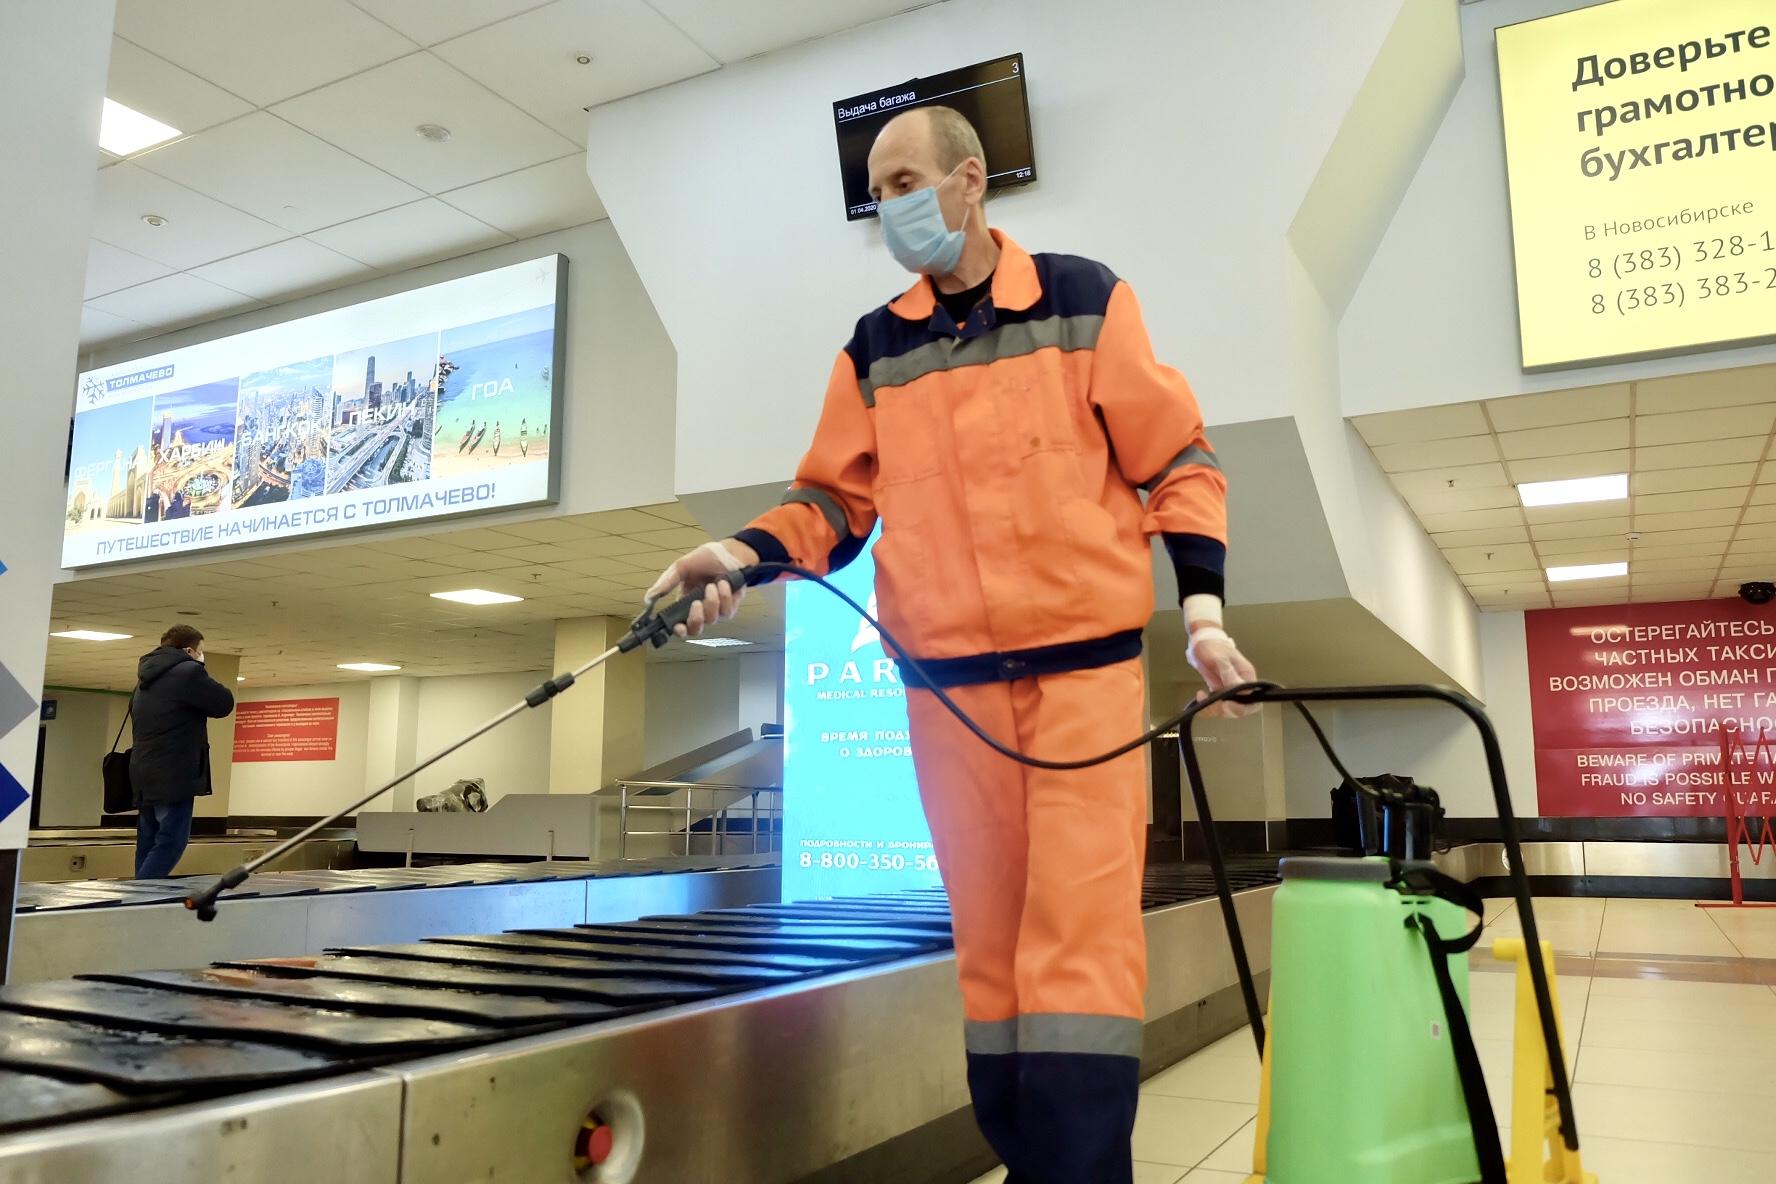 ОБработка аэропорта Толмачево. Фото из социальных сетей